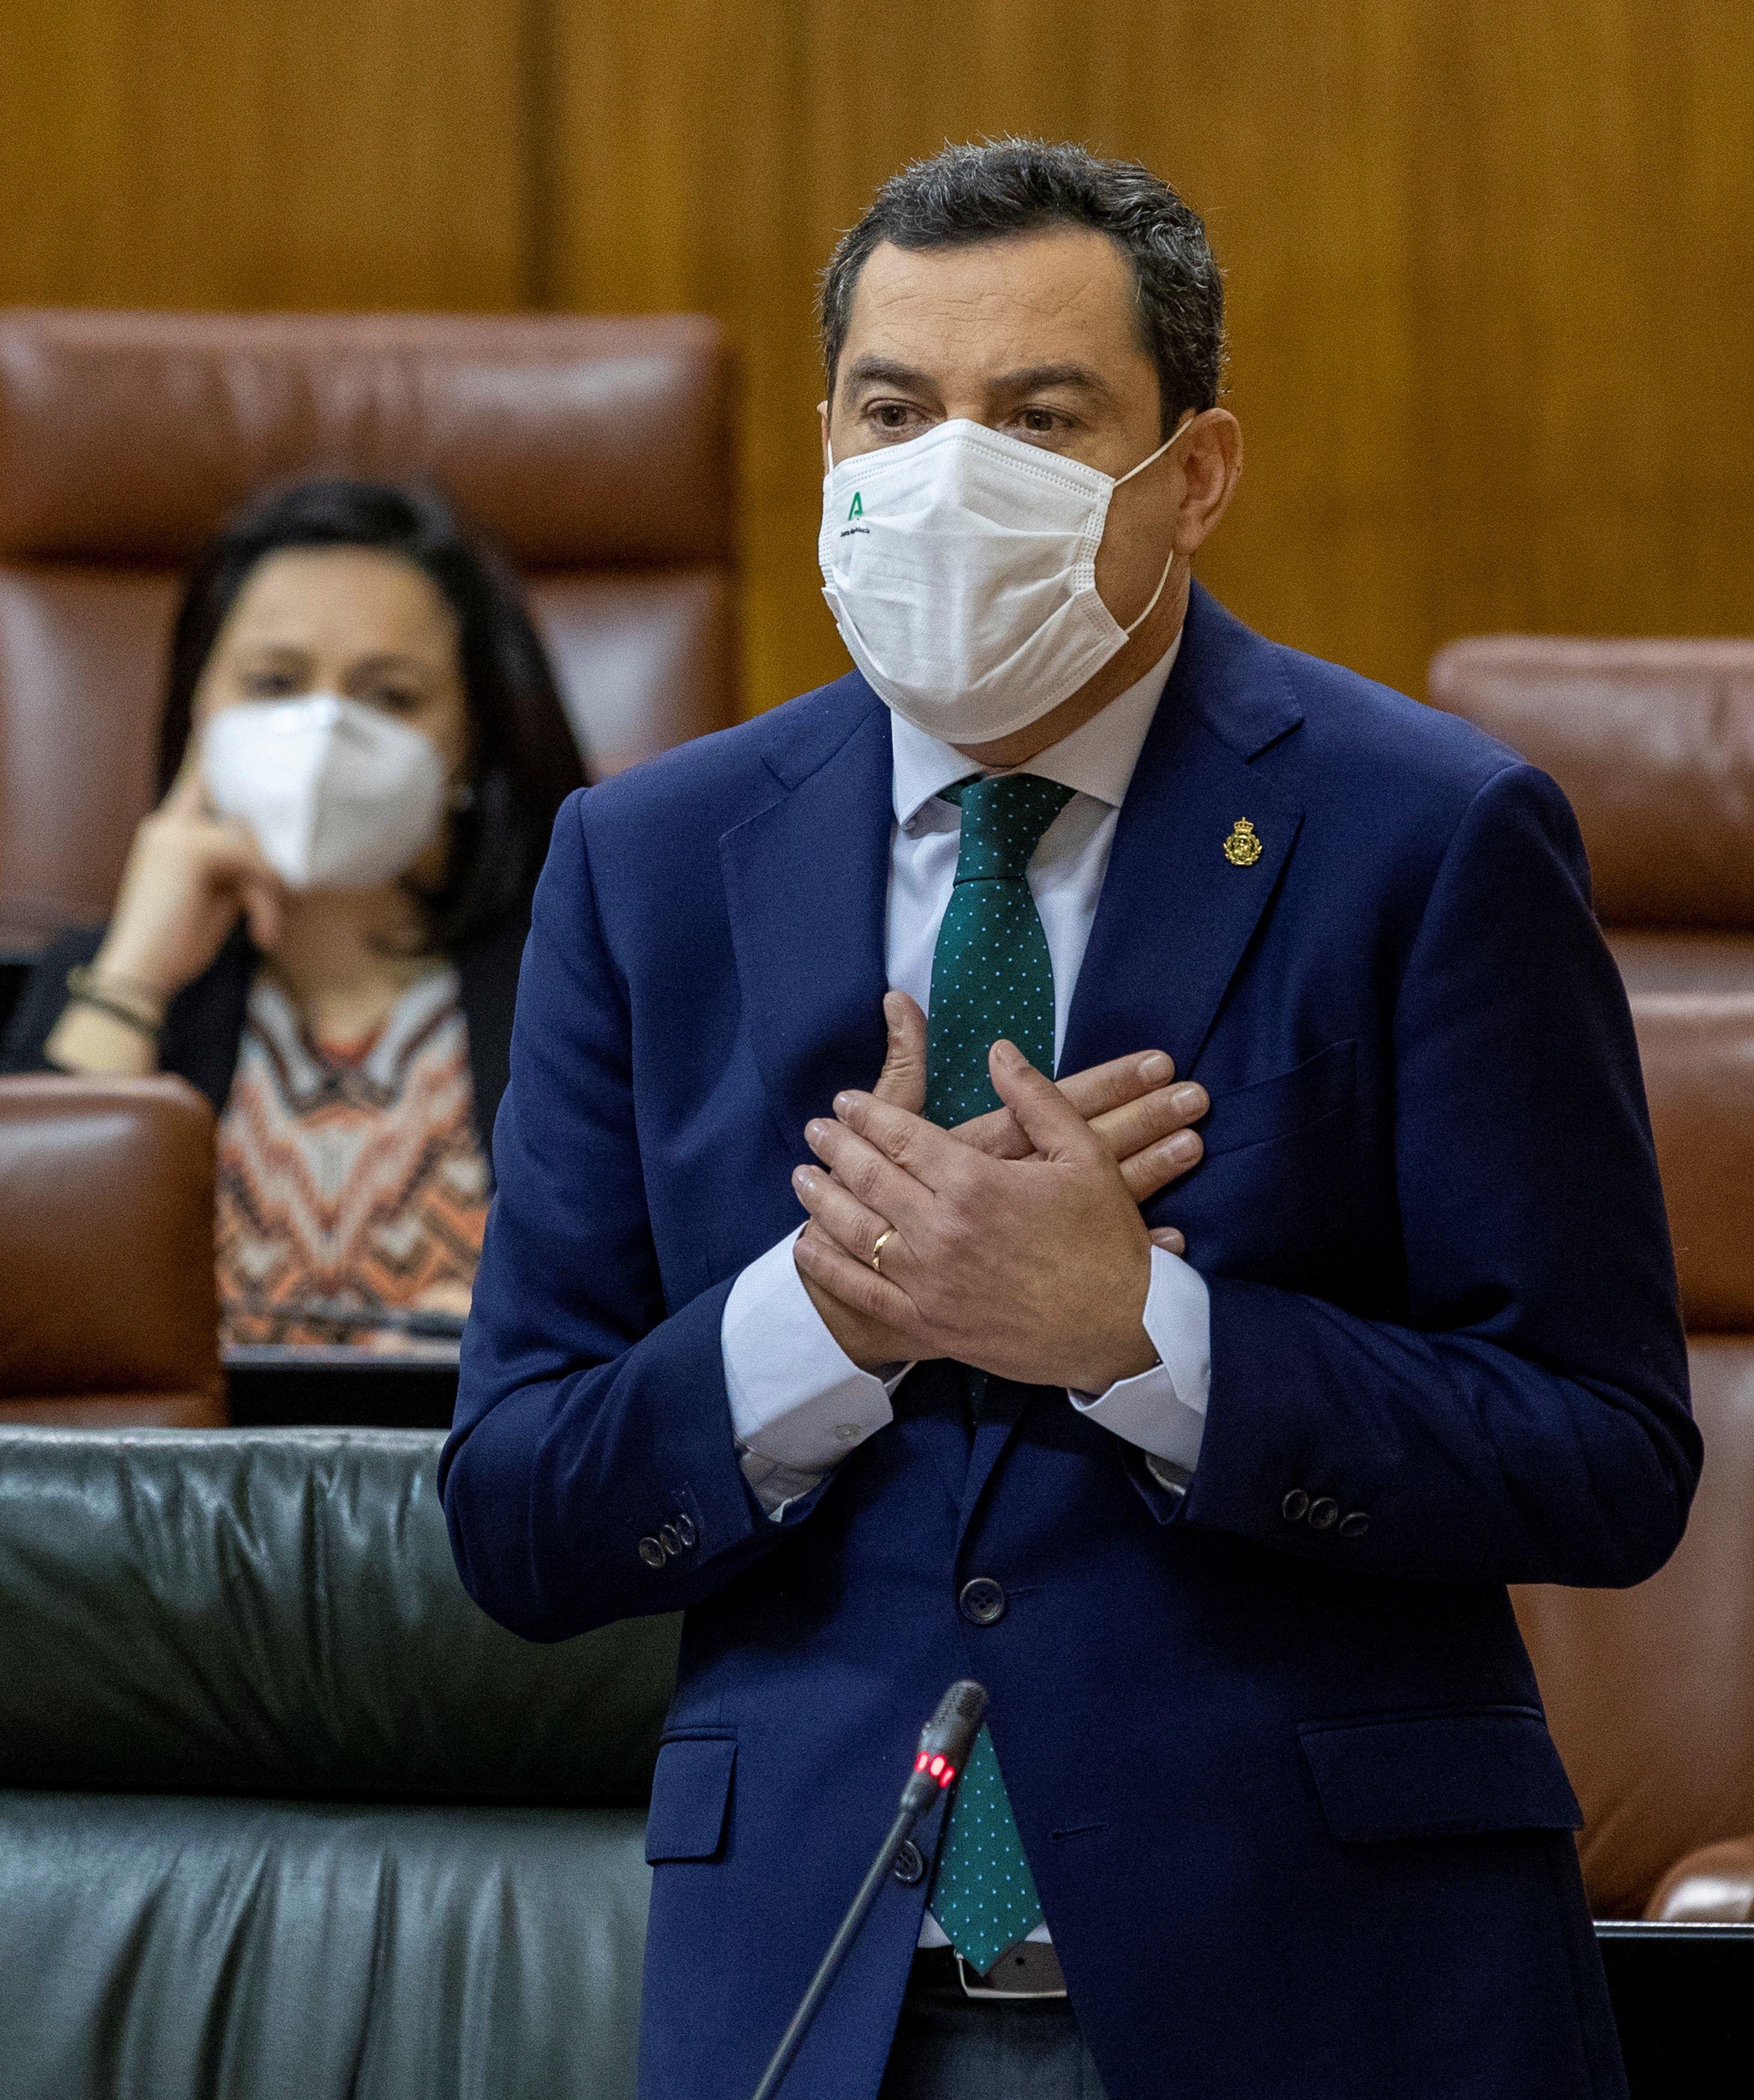 El presidente andaluz, Juanma Moreno, en la sesión de control al Gobierno, el pasado 11 de febrero.